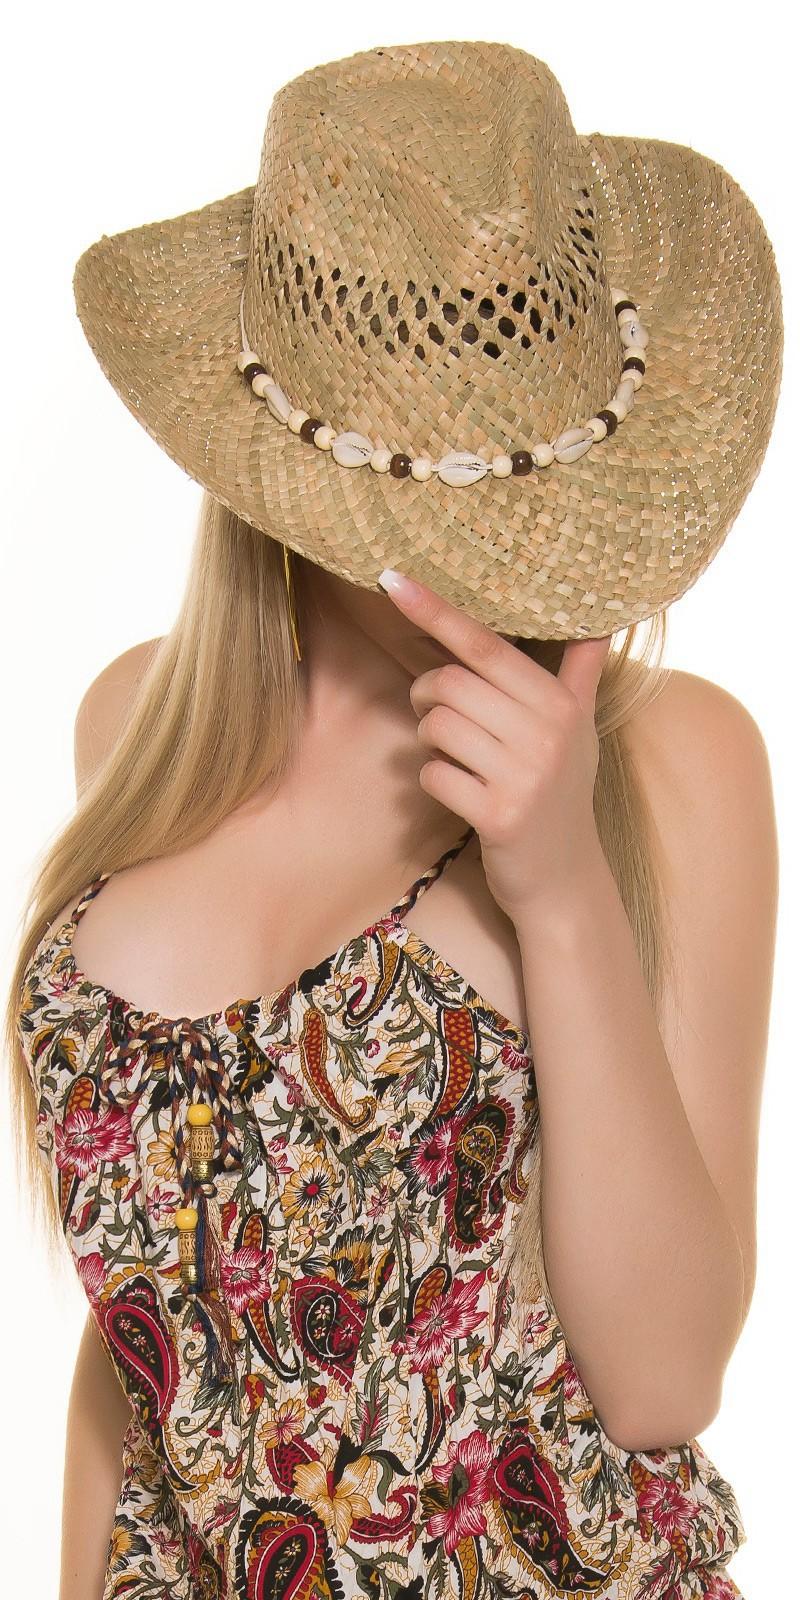 adbe5192f Dámsky slamený klobúk s mušľami - NajlepsiaModa.sk